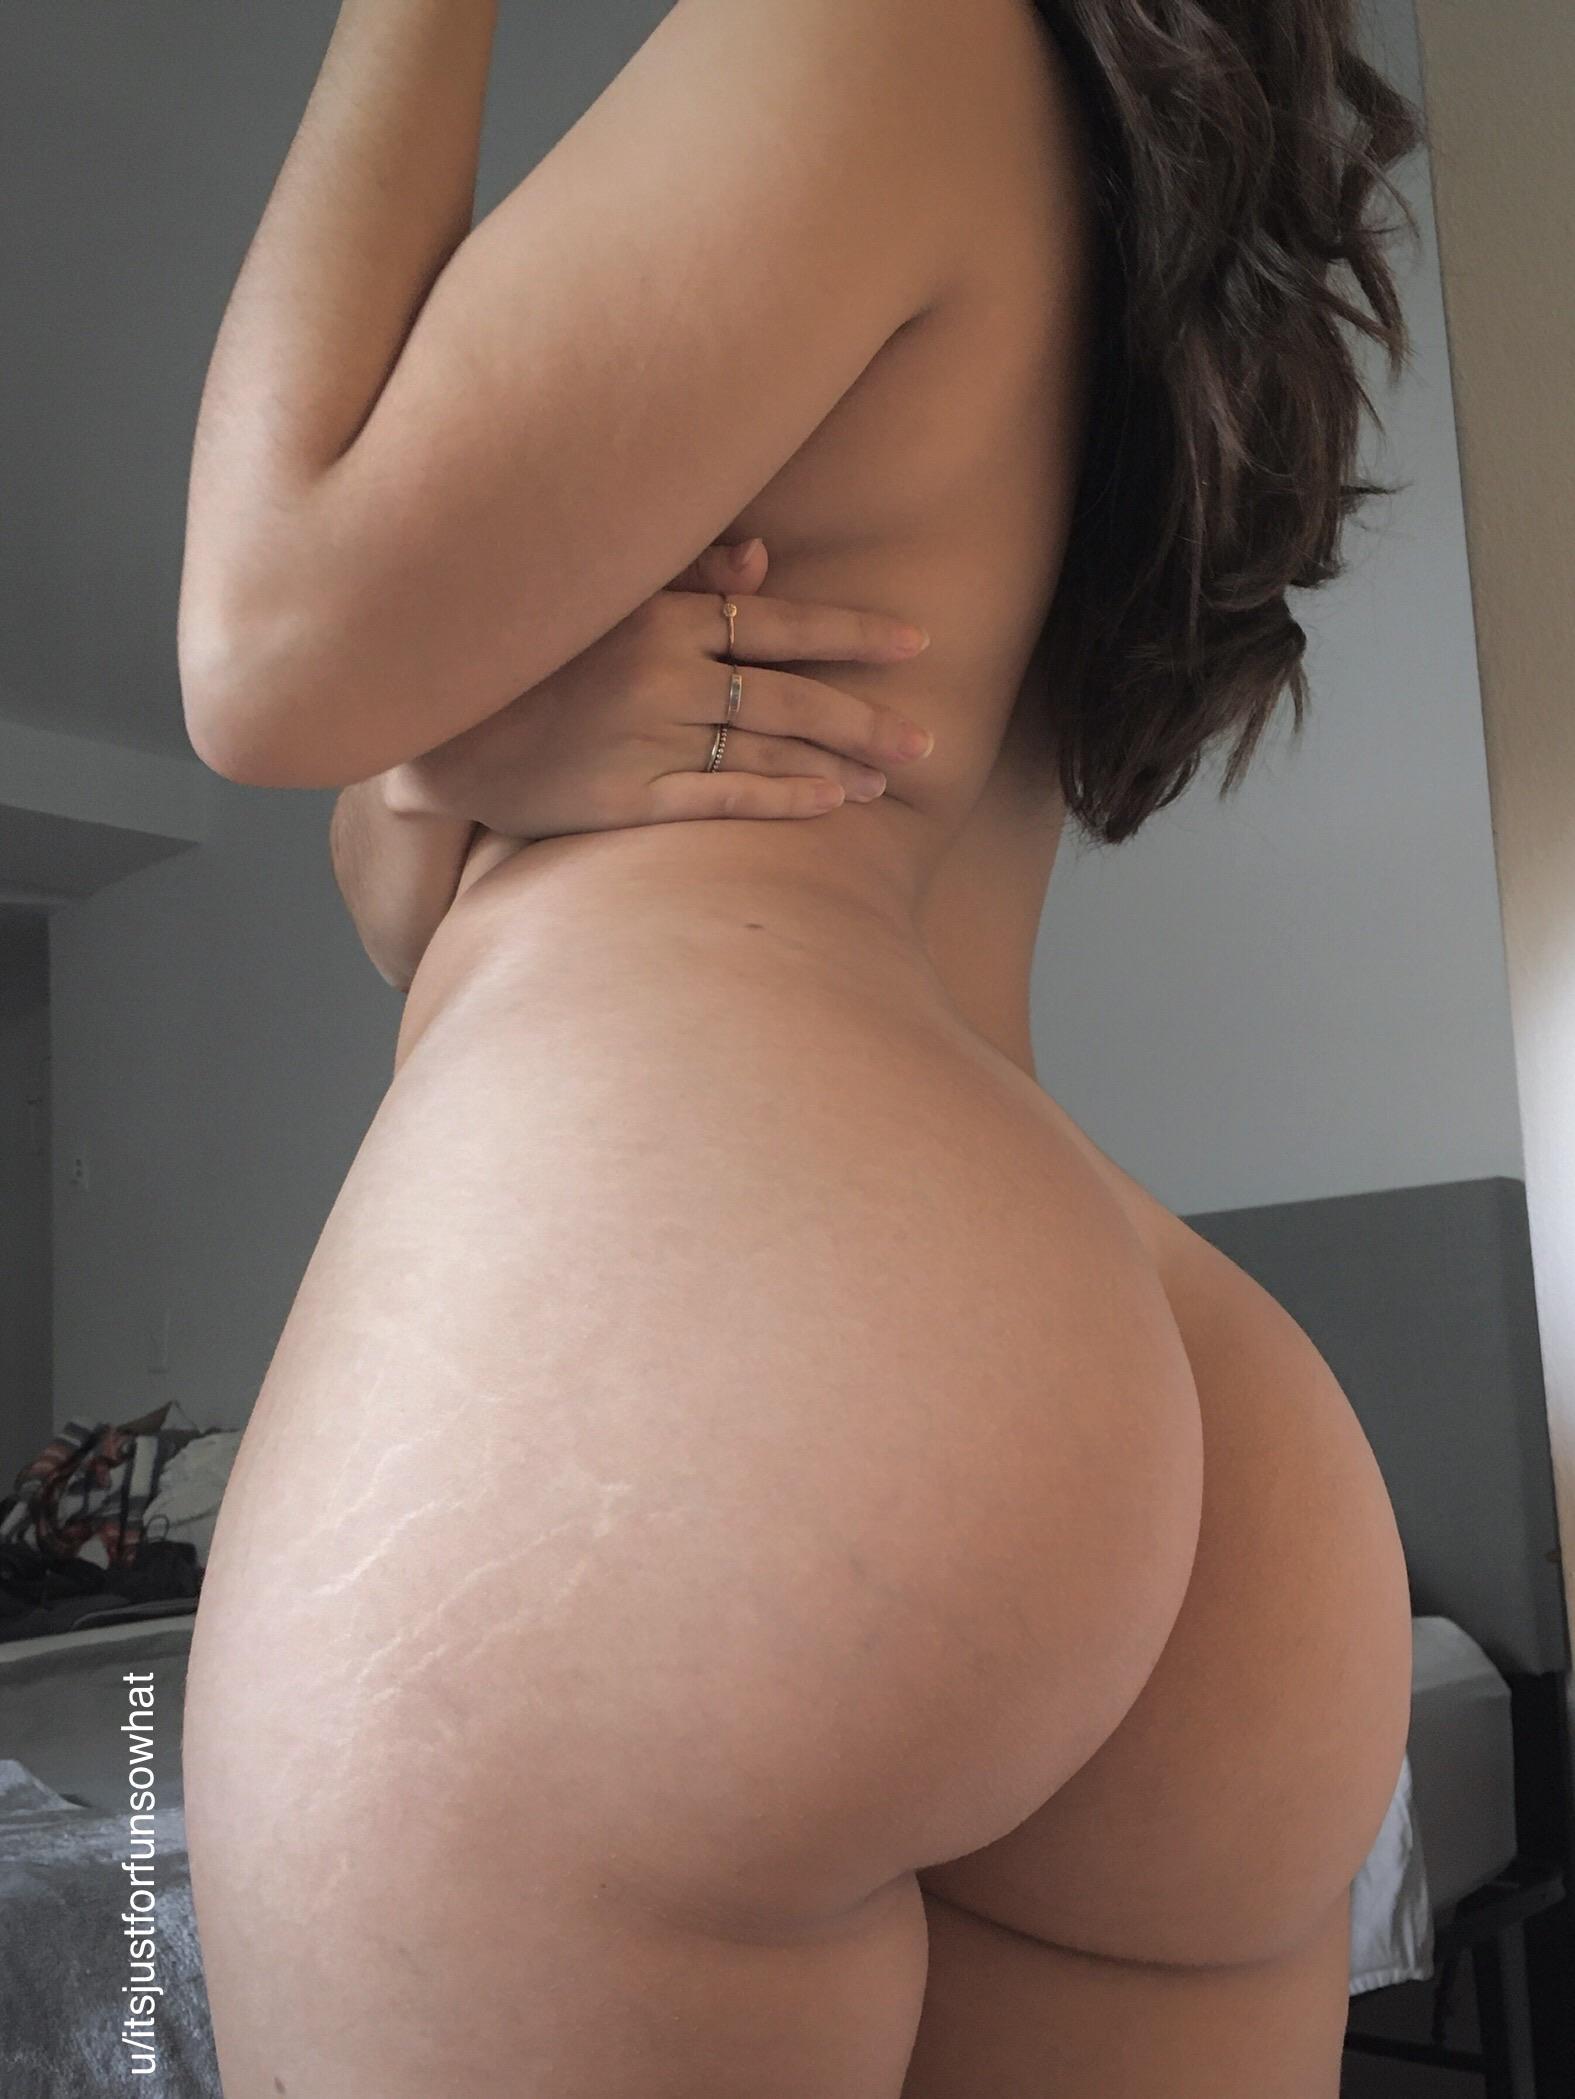 Fotos Porno Com Novinha Gostosa (4)